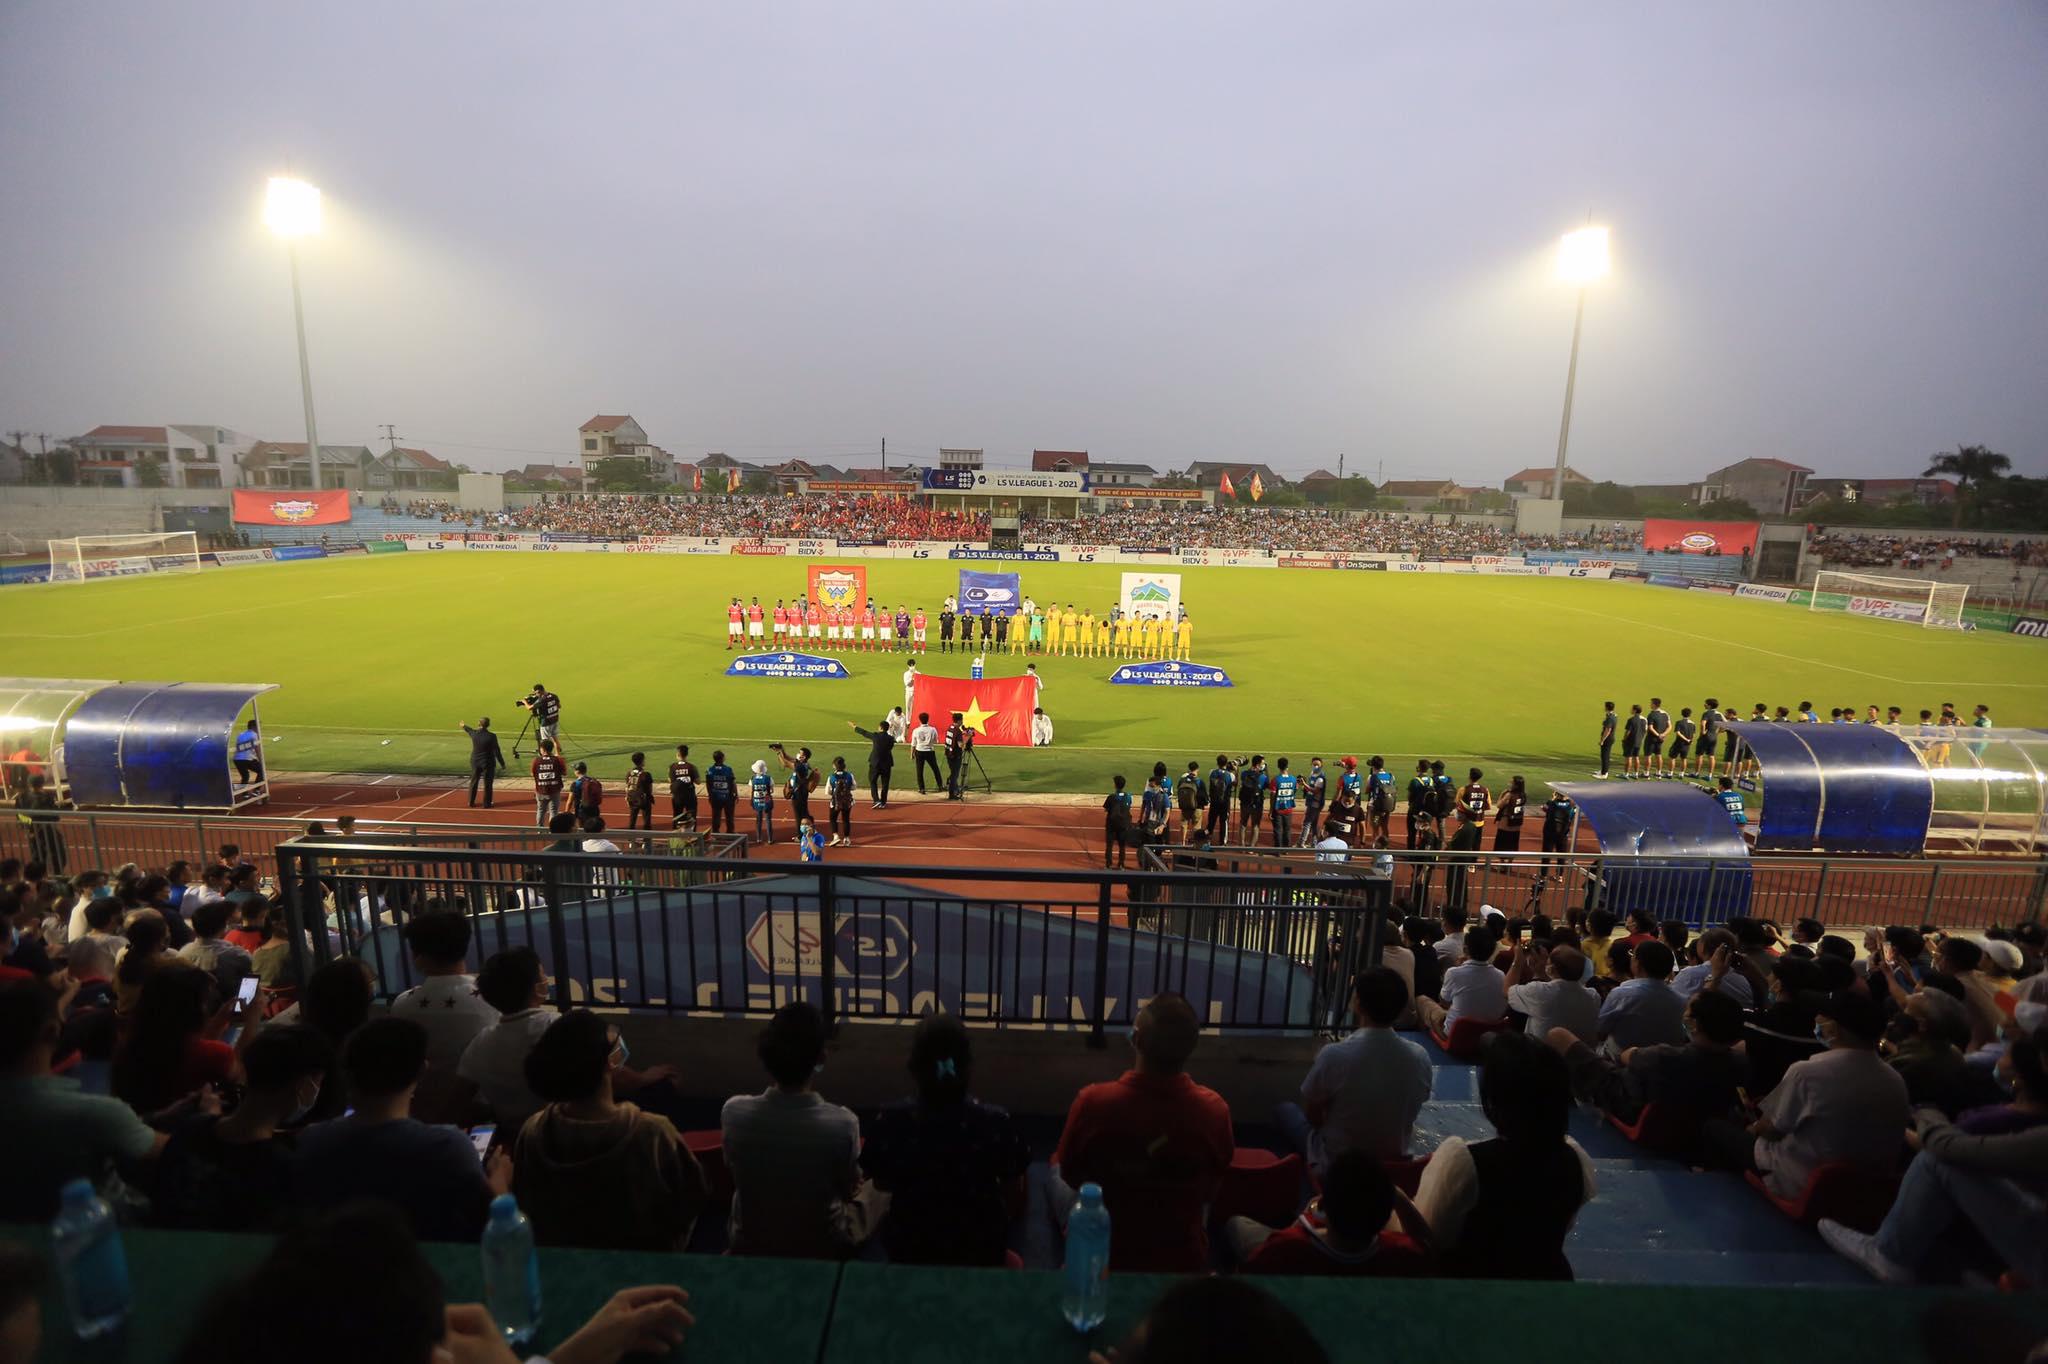 Sân Hà Tĩnh đón lượng khán giả đông đảo trong cuộc tiếp đón HAGL - Ảnh: Minh Tuấn